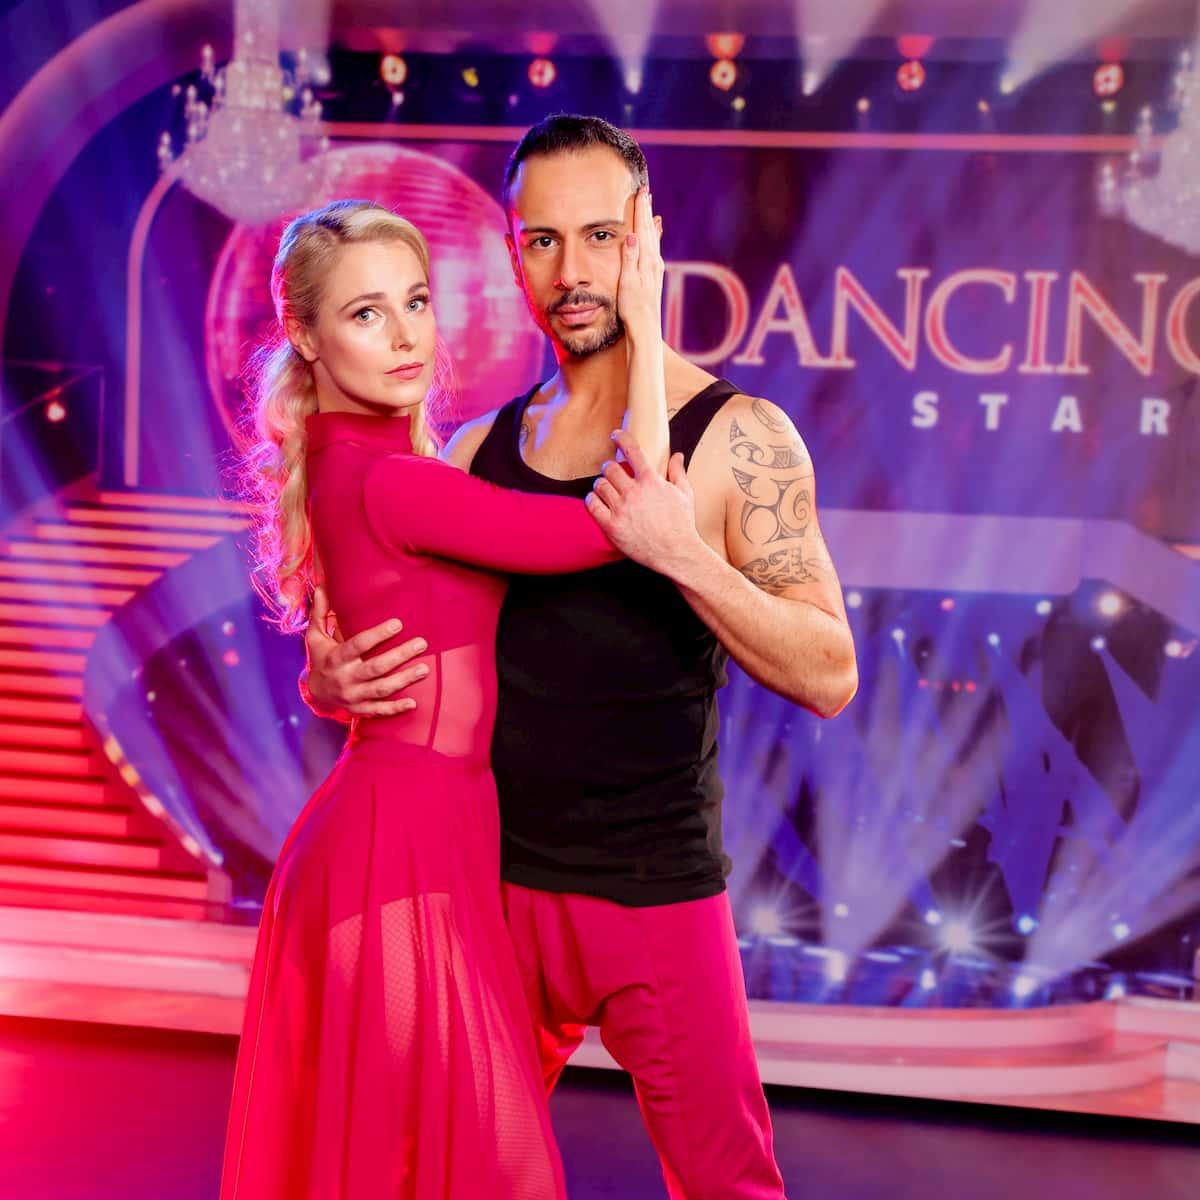 Ausgeschieden auf Platz 3 Dancing Stars 2020 - Silvia Schneider und Danilo Campisi